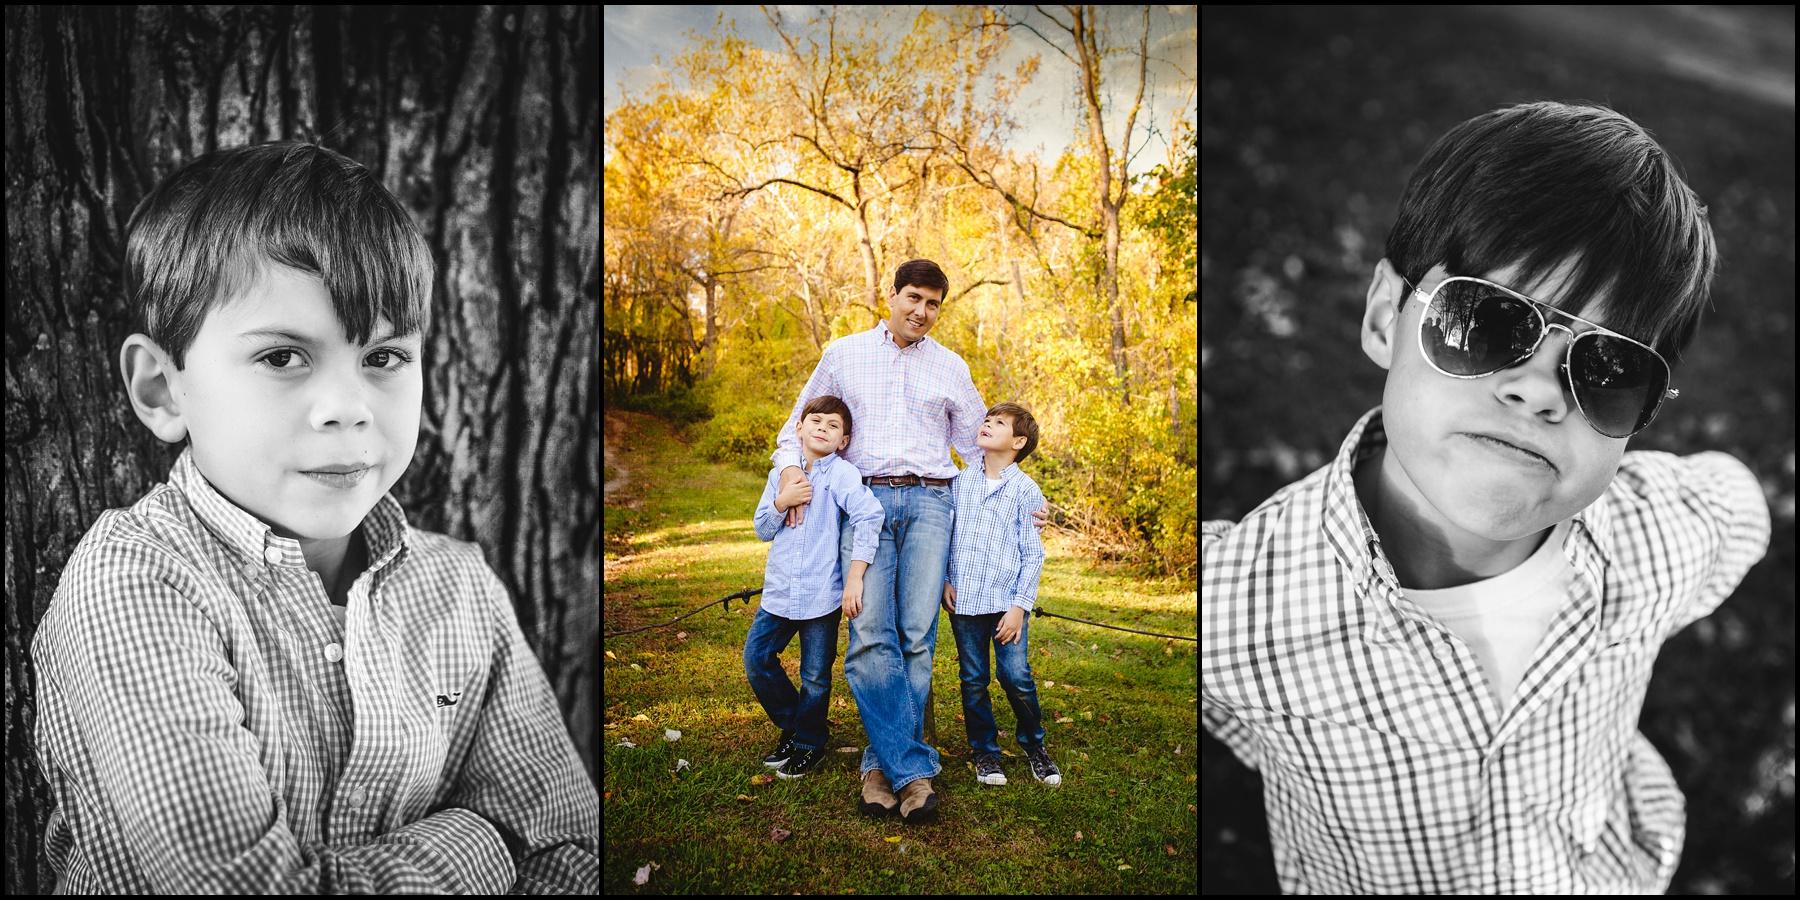 Aumiller Final,Aumiller family,